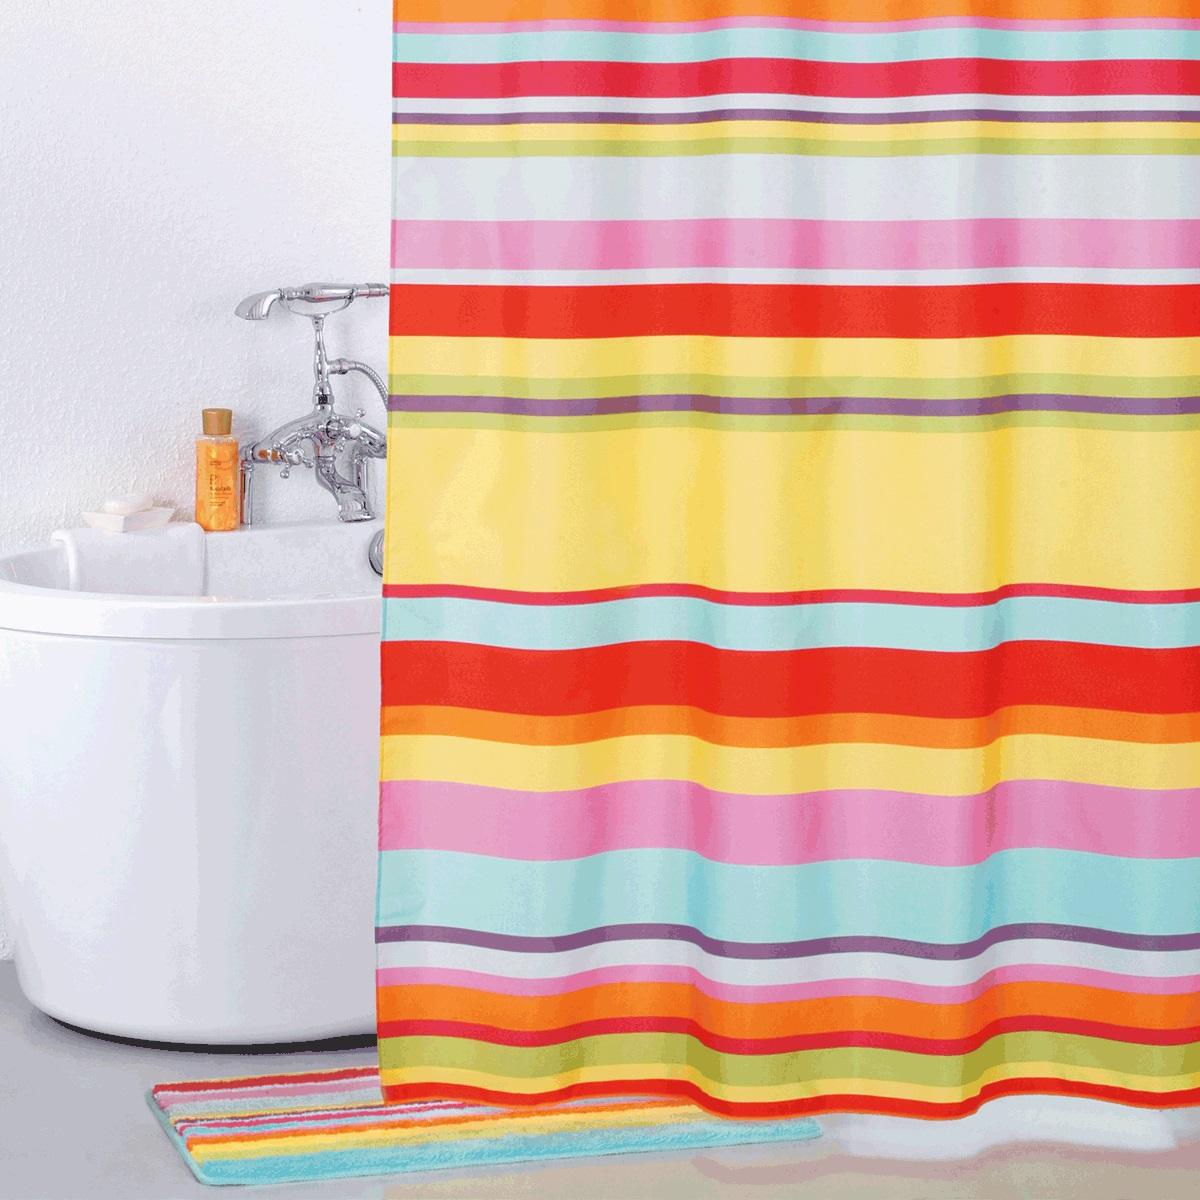 Штора для ванной Iddis Summer Stripes, цвет: мультиколор, 200 x 200 см290P24RI11материал: текстиль, 100% полиэстер, водоотталкивающая пропитка, кольца в комплекте c системой Click, упаковка ПВХ пакет, плотность 110 г/м, 12 металл. люверсов,